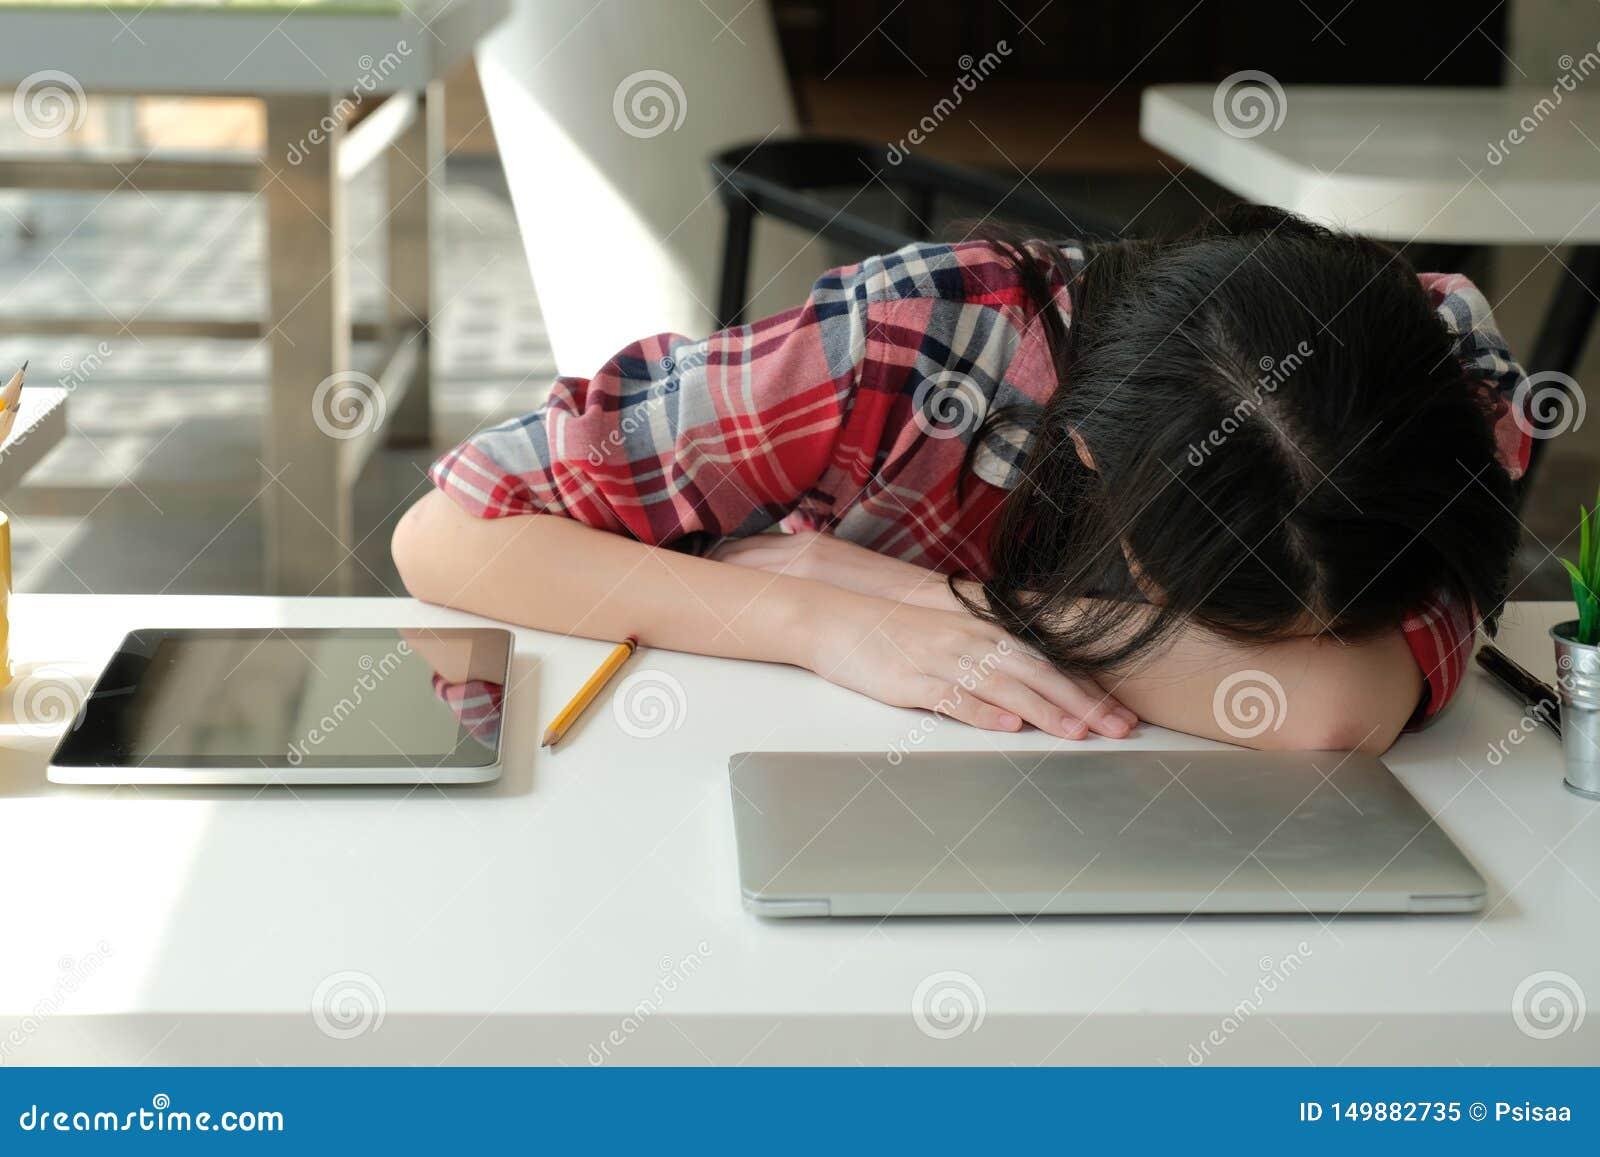 Девушки спят на работе фото работа по вемкам в пятигорск